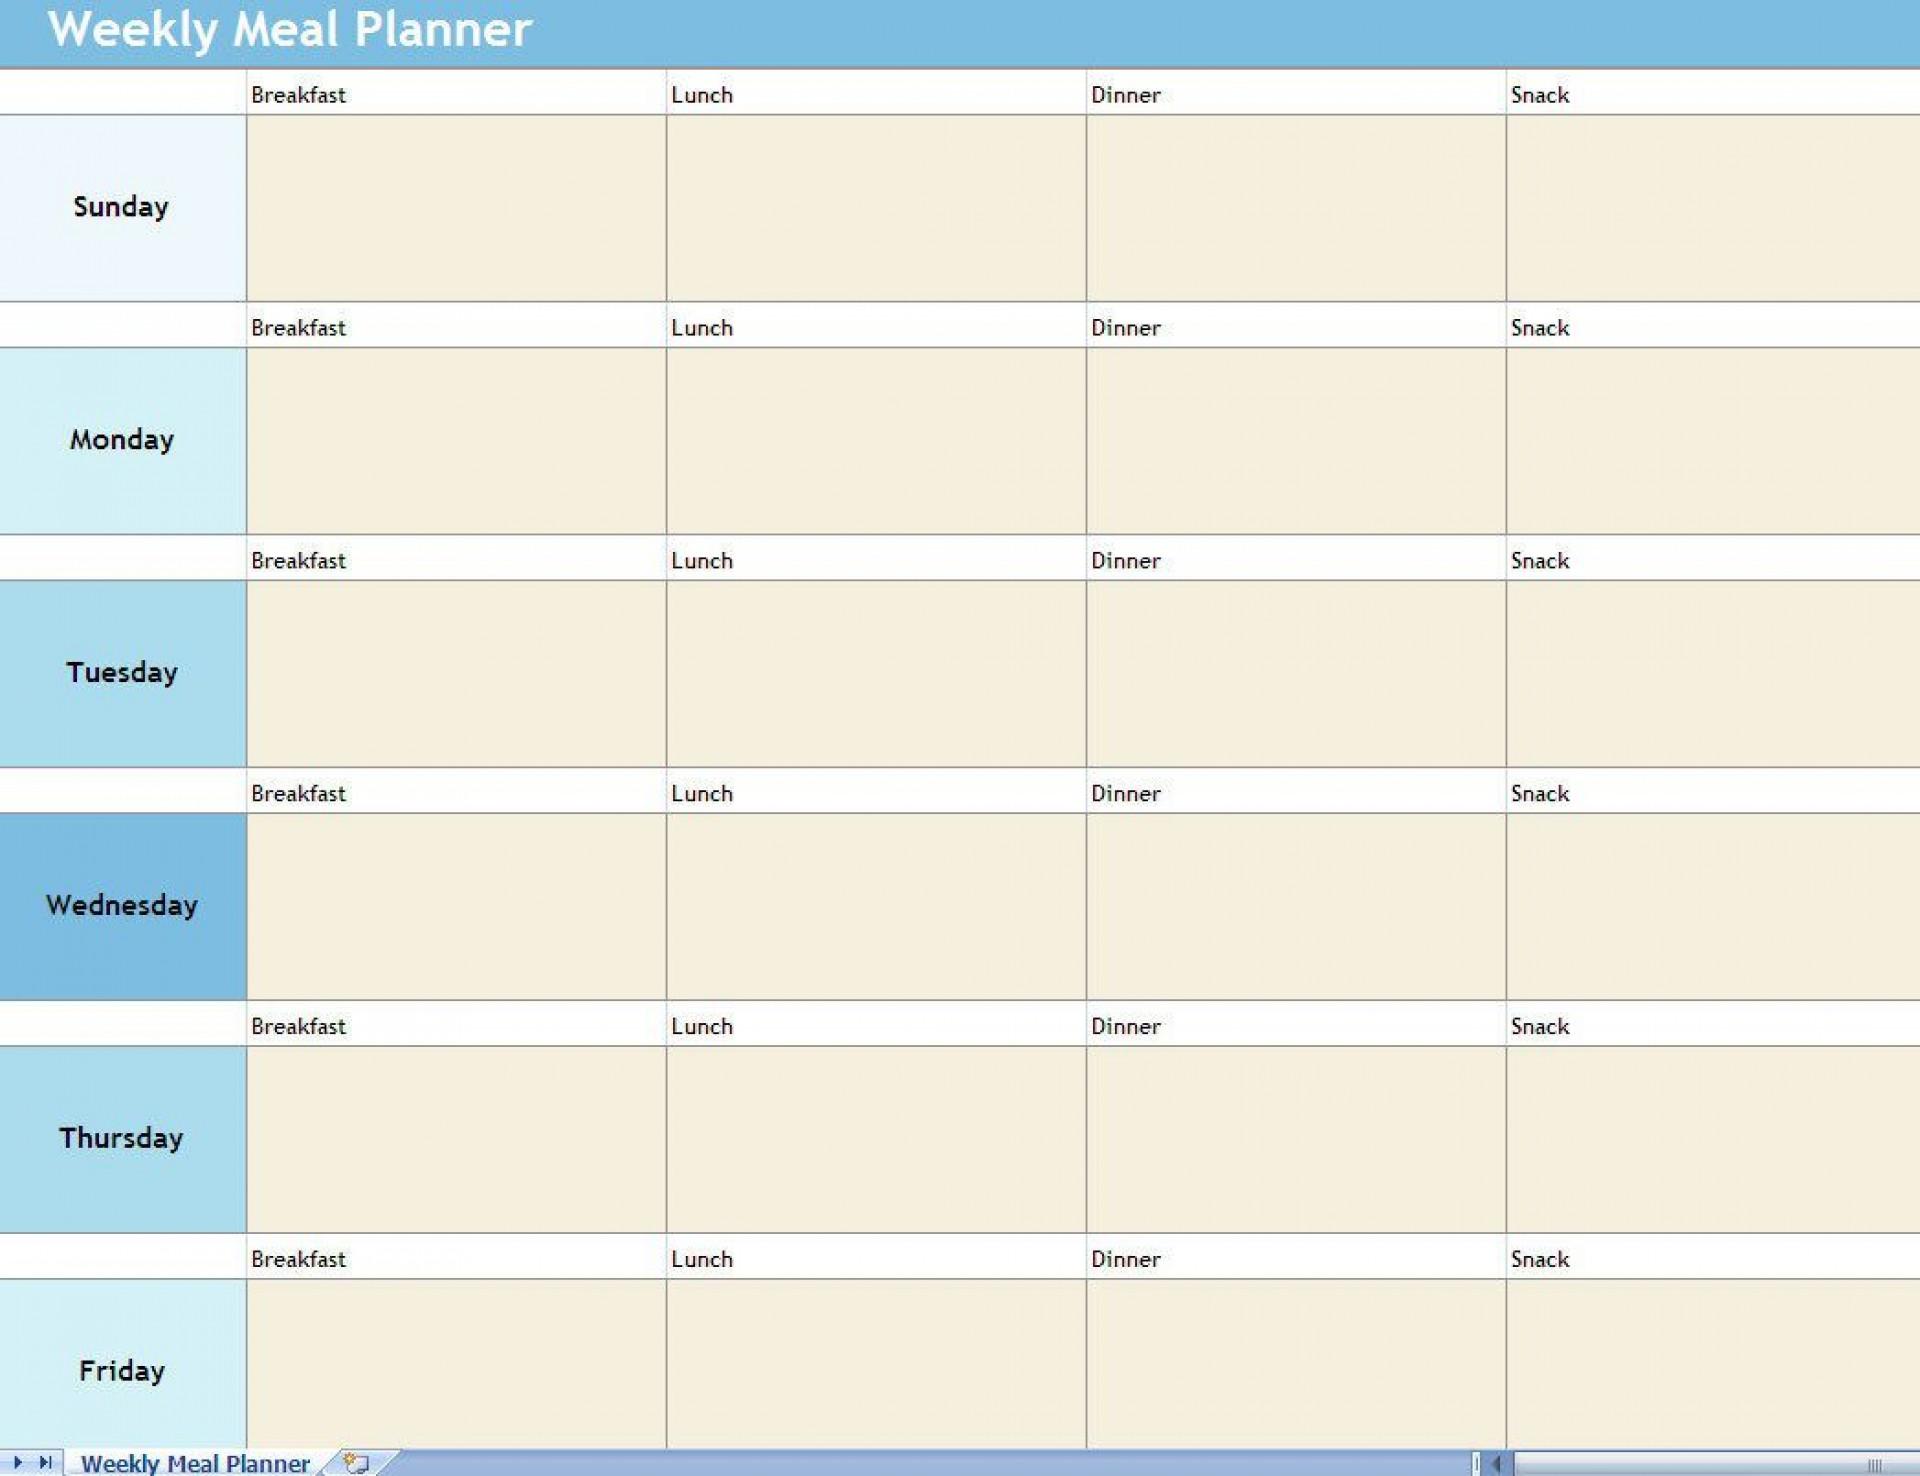 007 Unusual Weekly Meal Planning Worksheet Pdf Image  Free1920